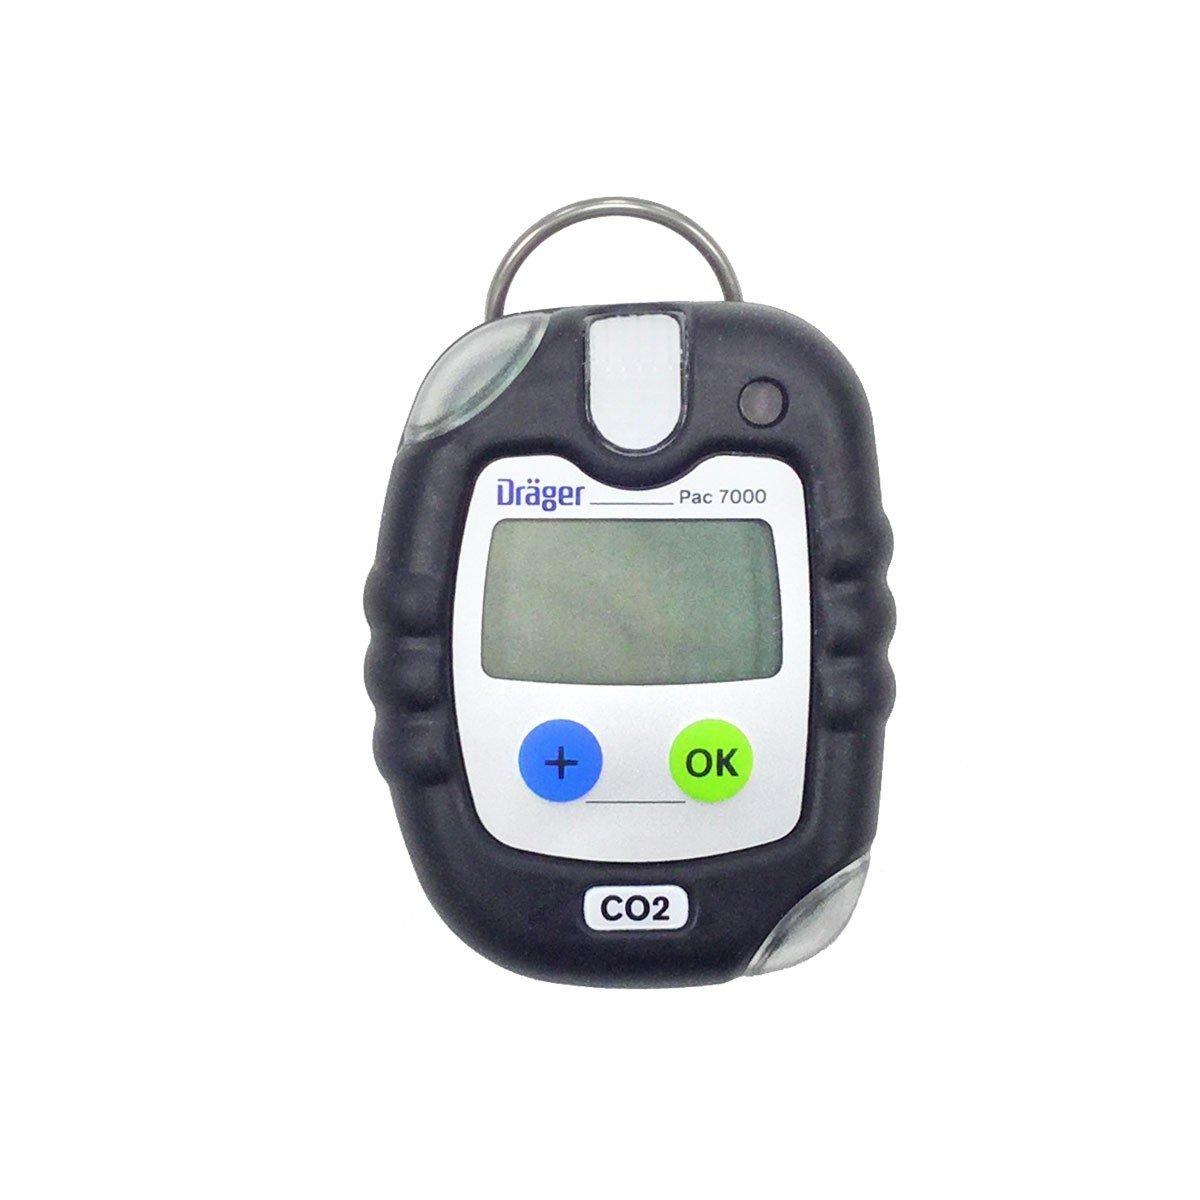 Drager Pac 7000 Carbon Monoxide Co Personal Gas Detector